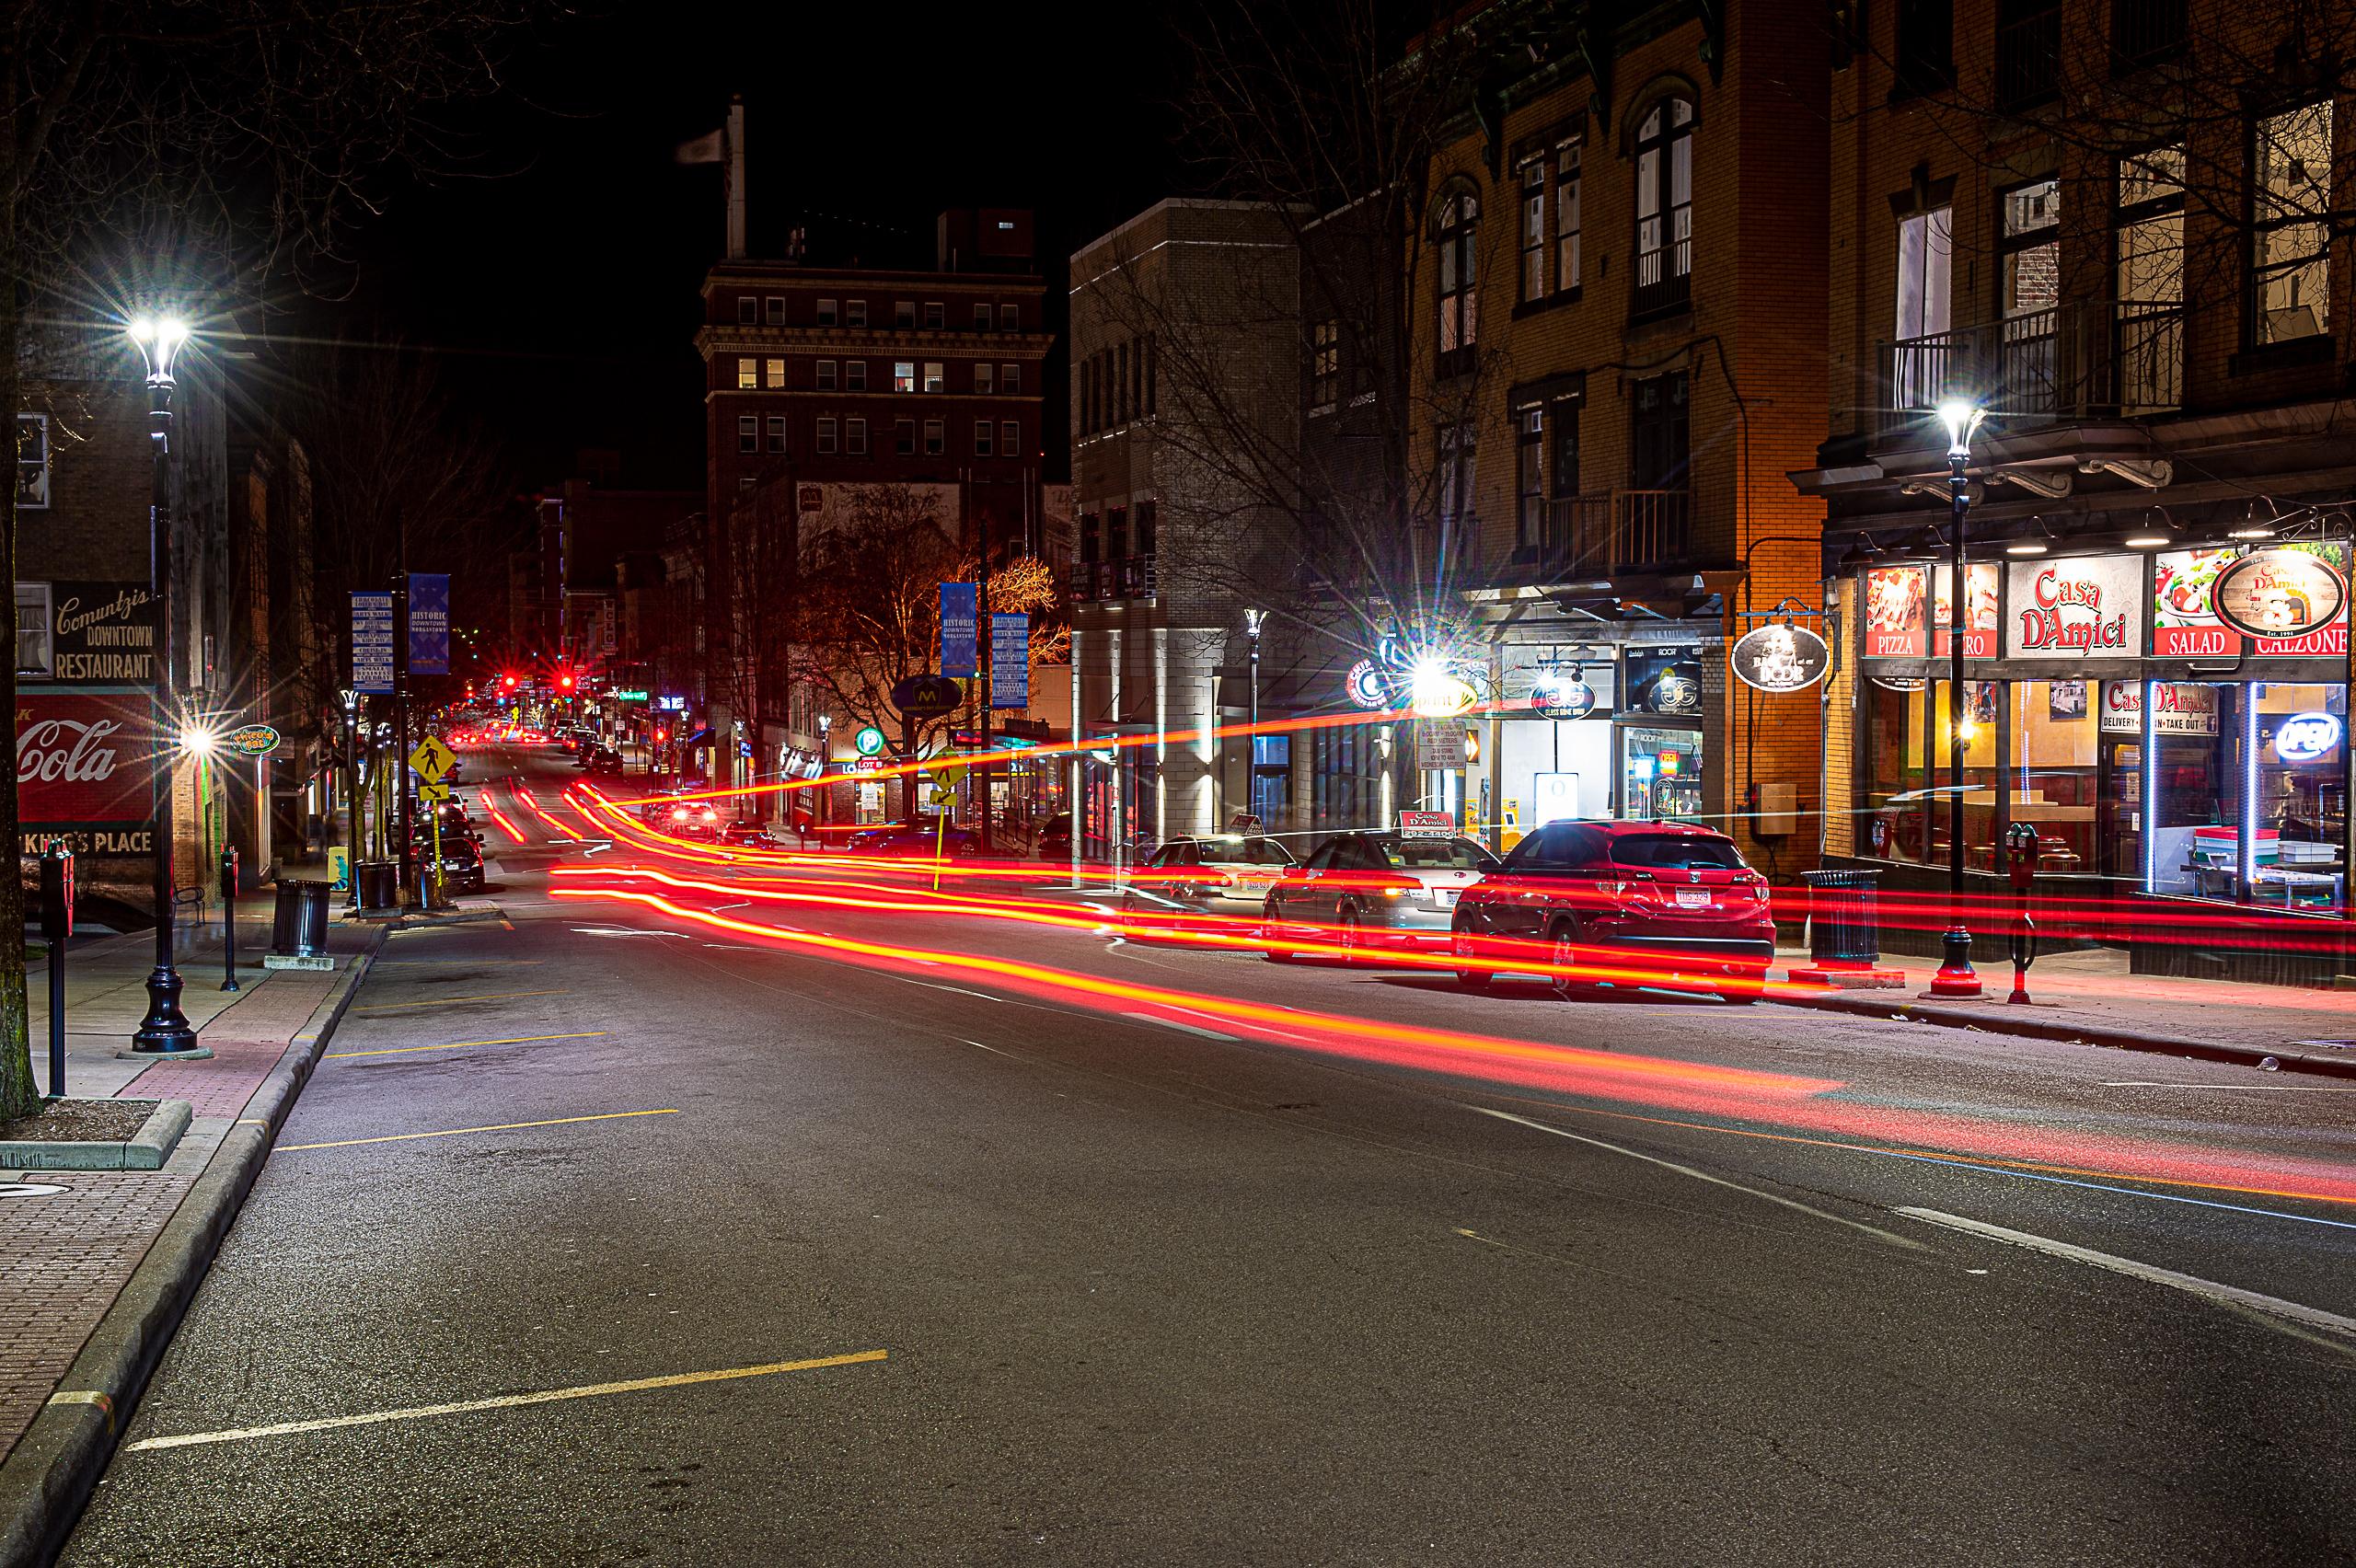 Morgantown High Street at night